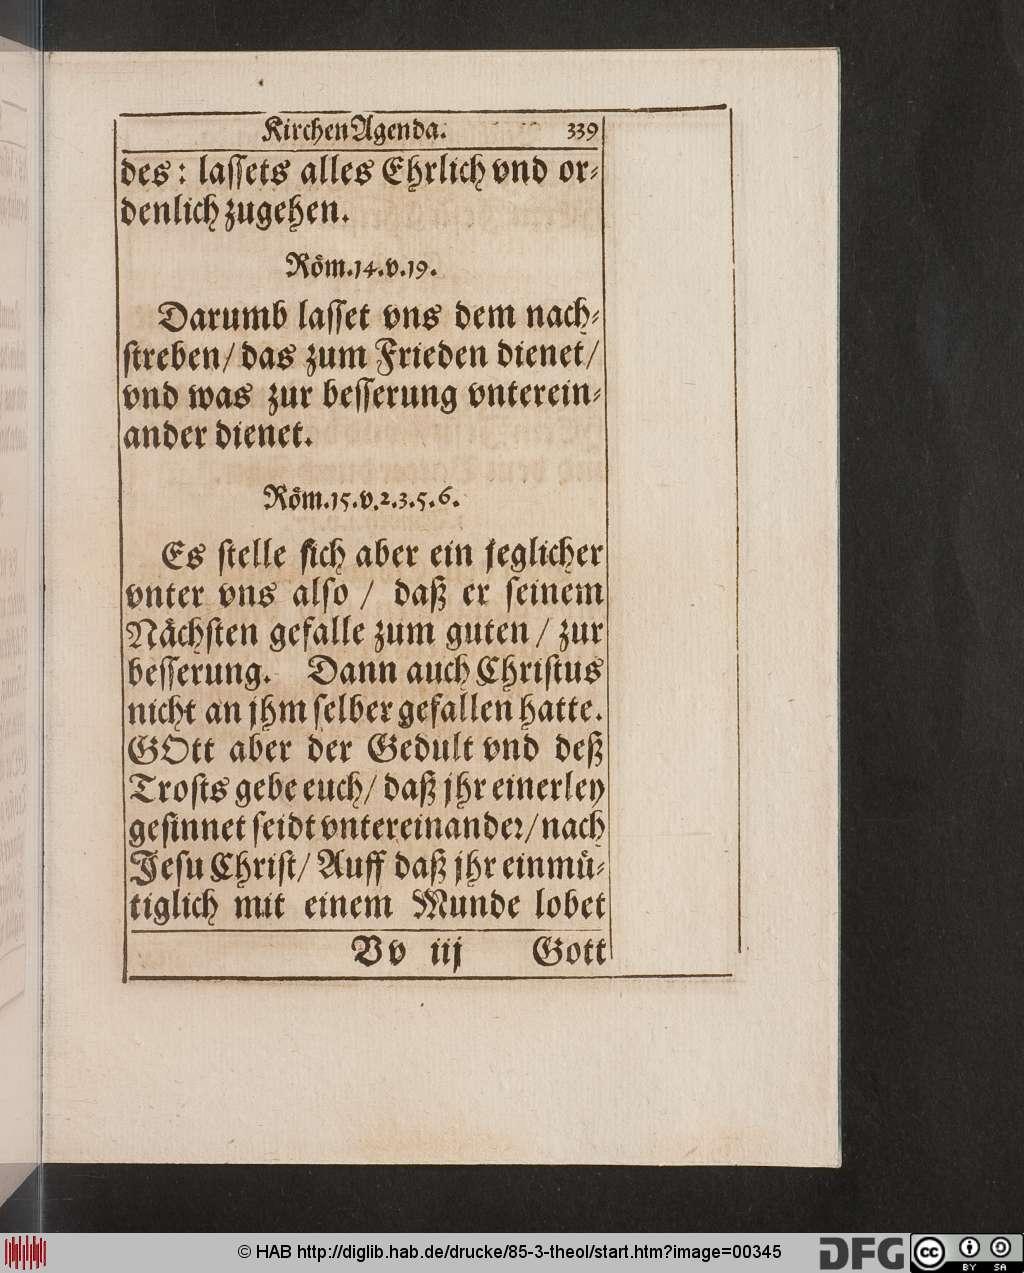 http://diglib.hab.de/drucke/85-3-theol/00345.jpg